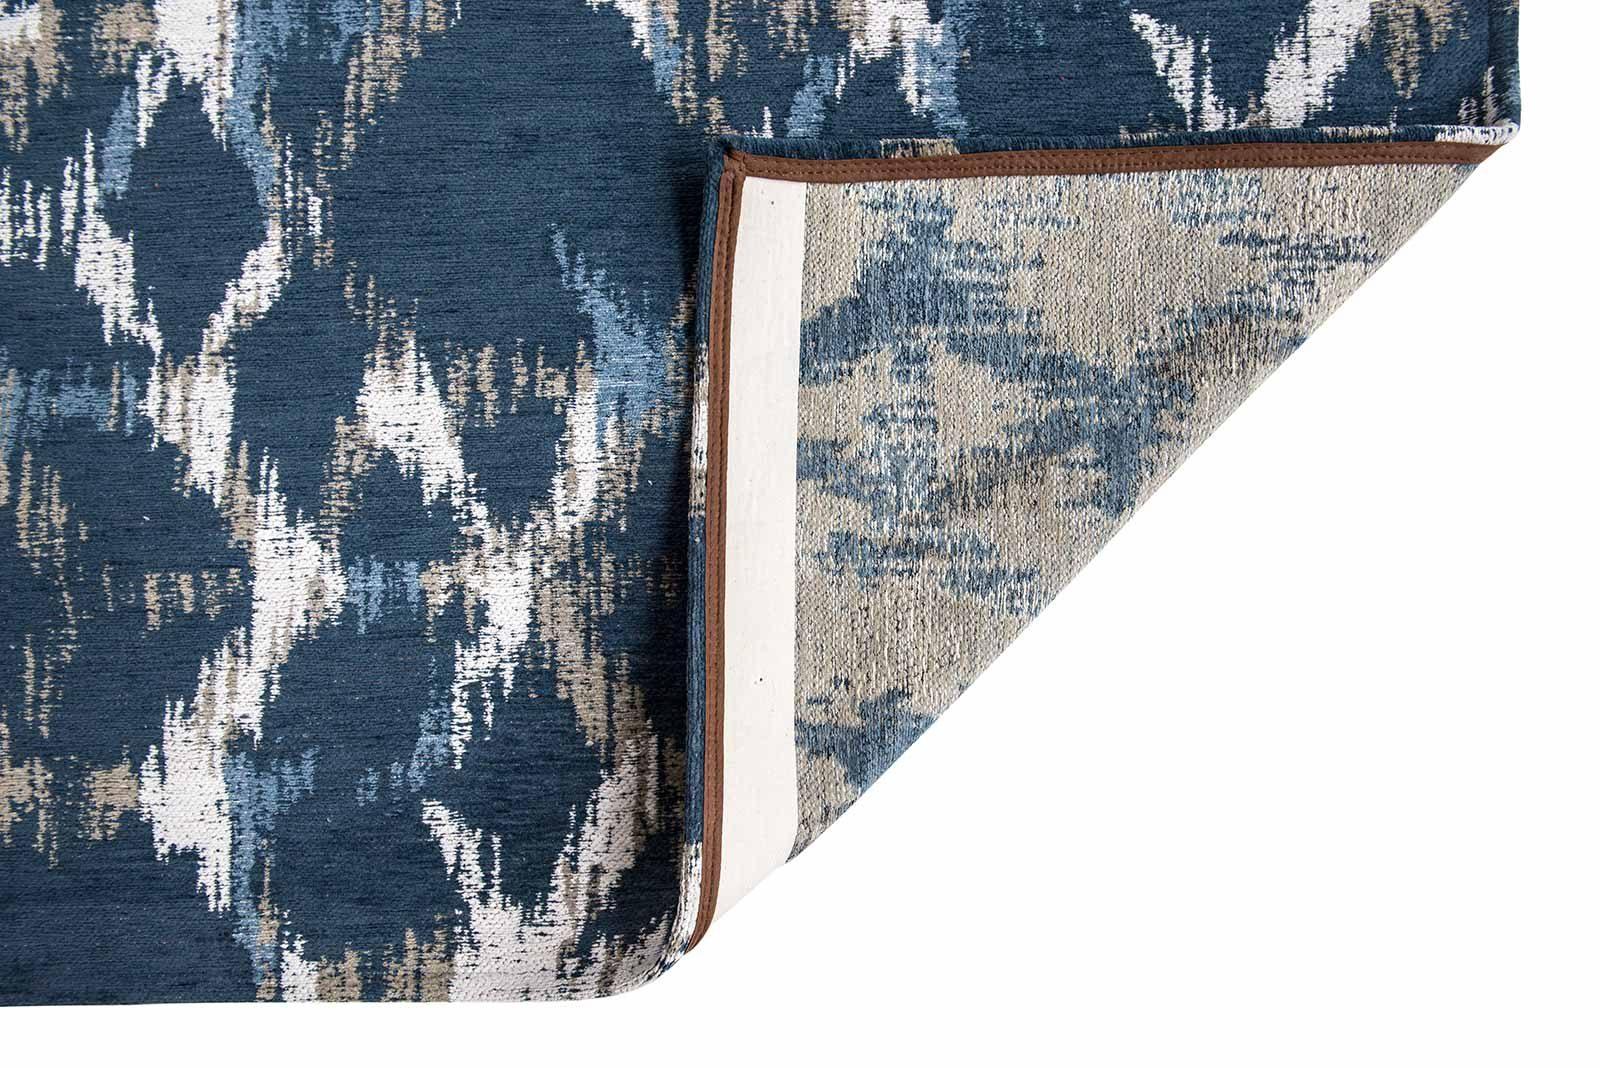 Louis De Poortere alfombras Villa Nova LX 8750 Sudare Indigo back